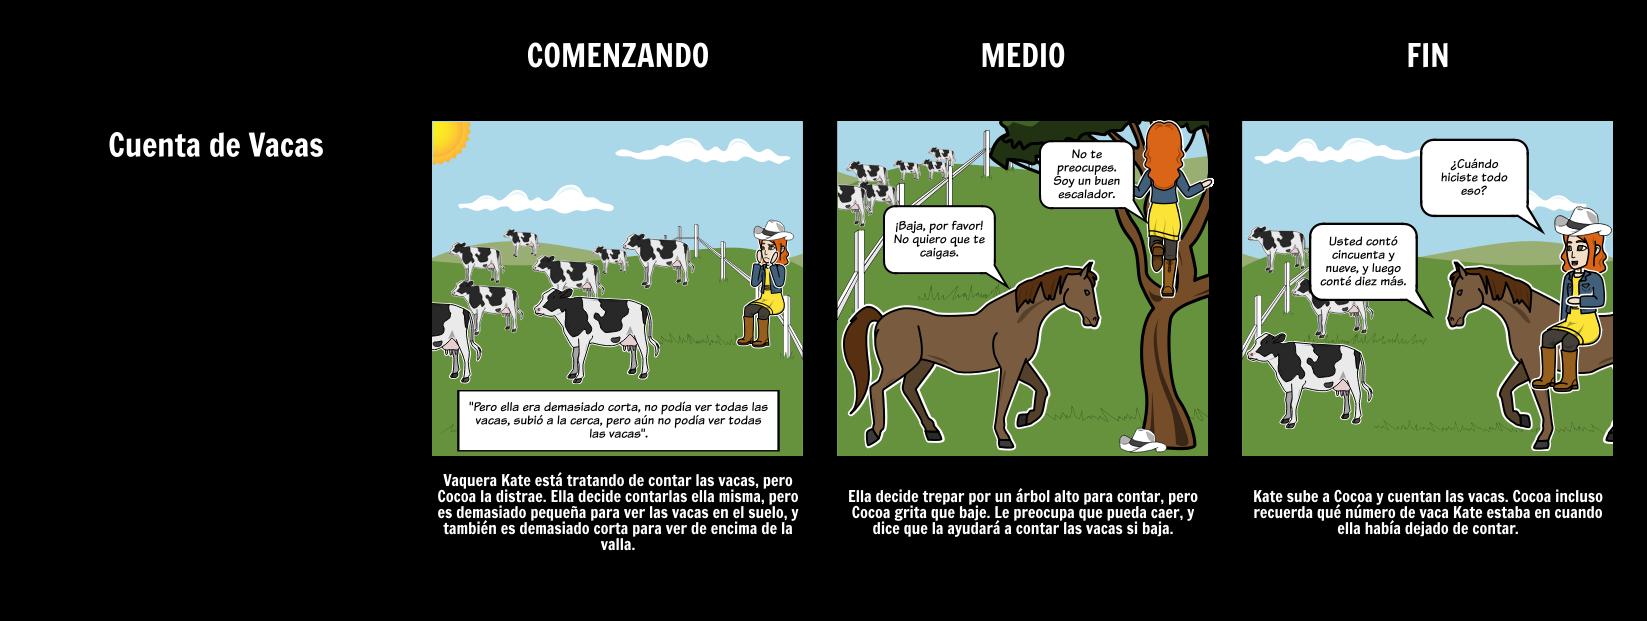 Vaquera Kate y Cocoa - Resumen